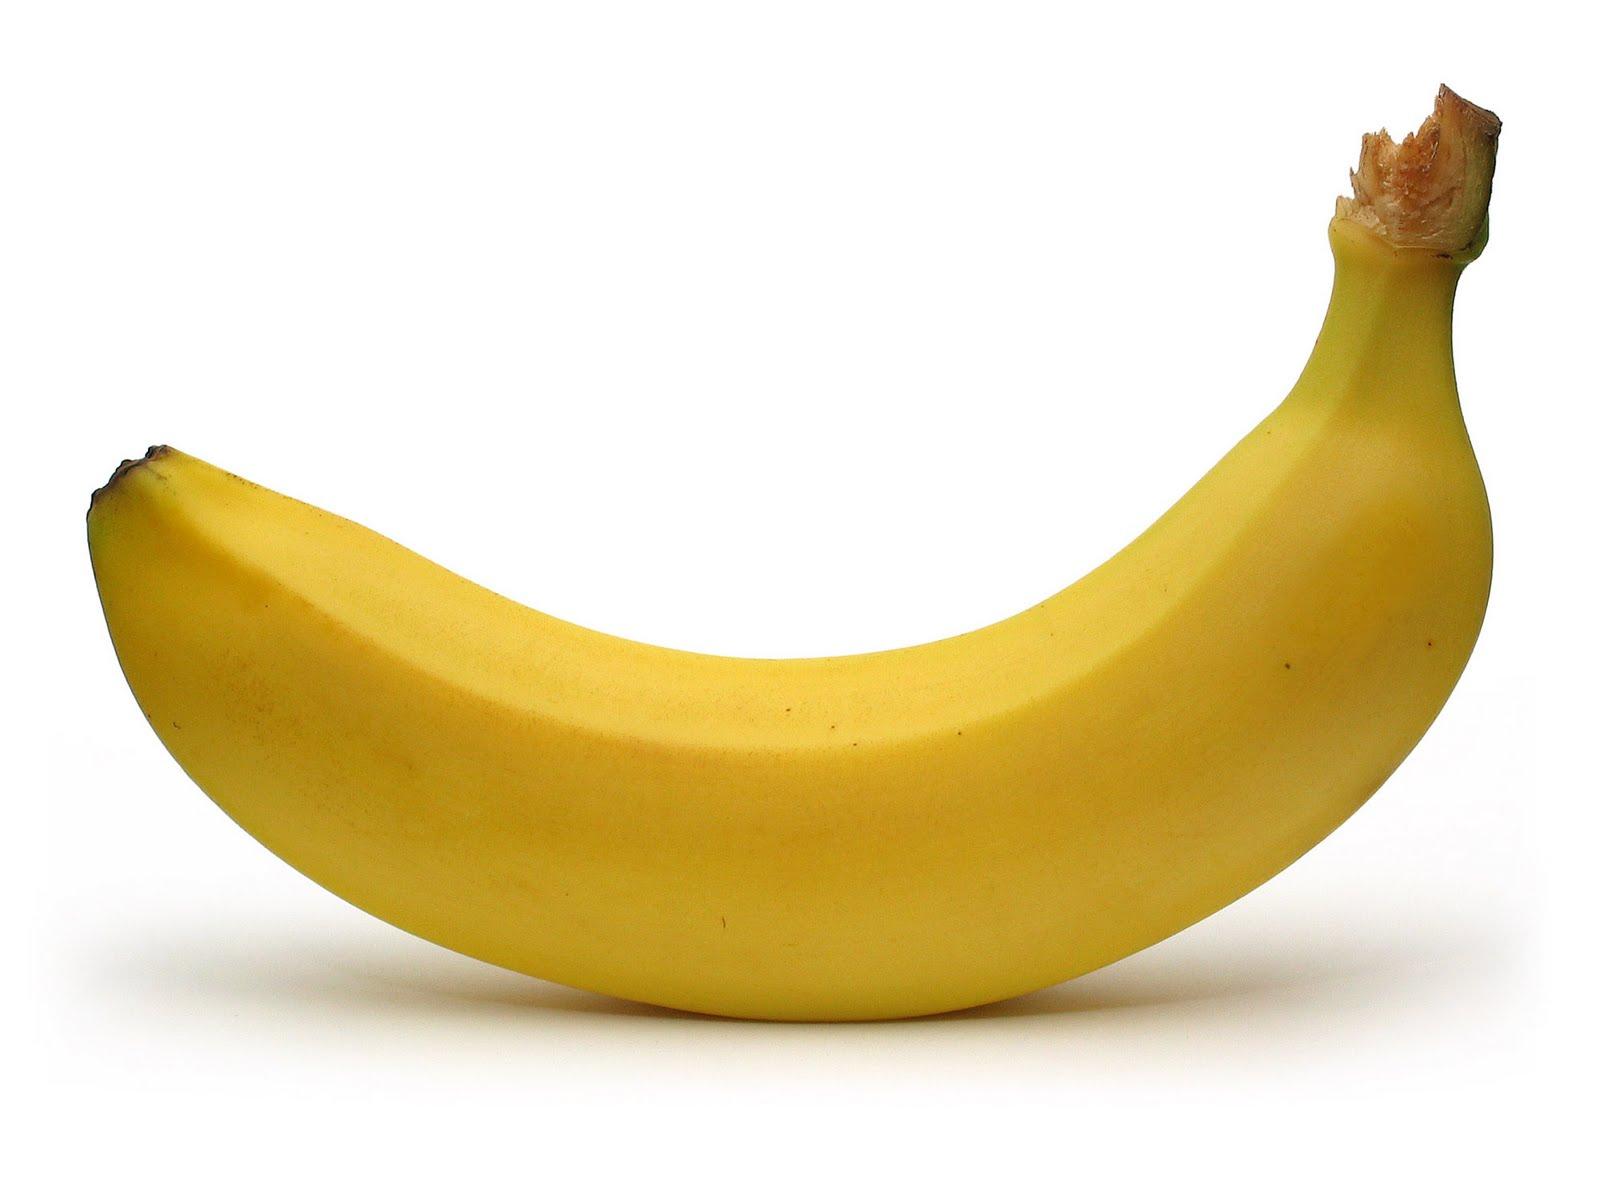 http://1.bp.blogspot.com/_j-OHXM8YipQ/TJMDYChLnMI/AAAAAAAAAP8/r1Y-h178-Do/s1600/banana.jpeg